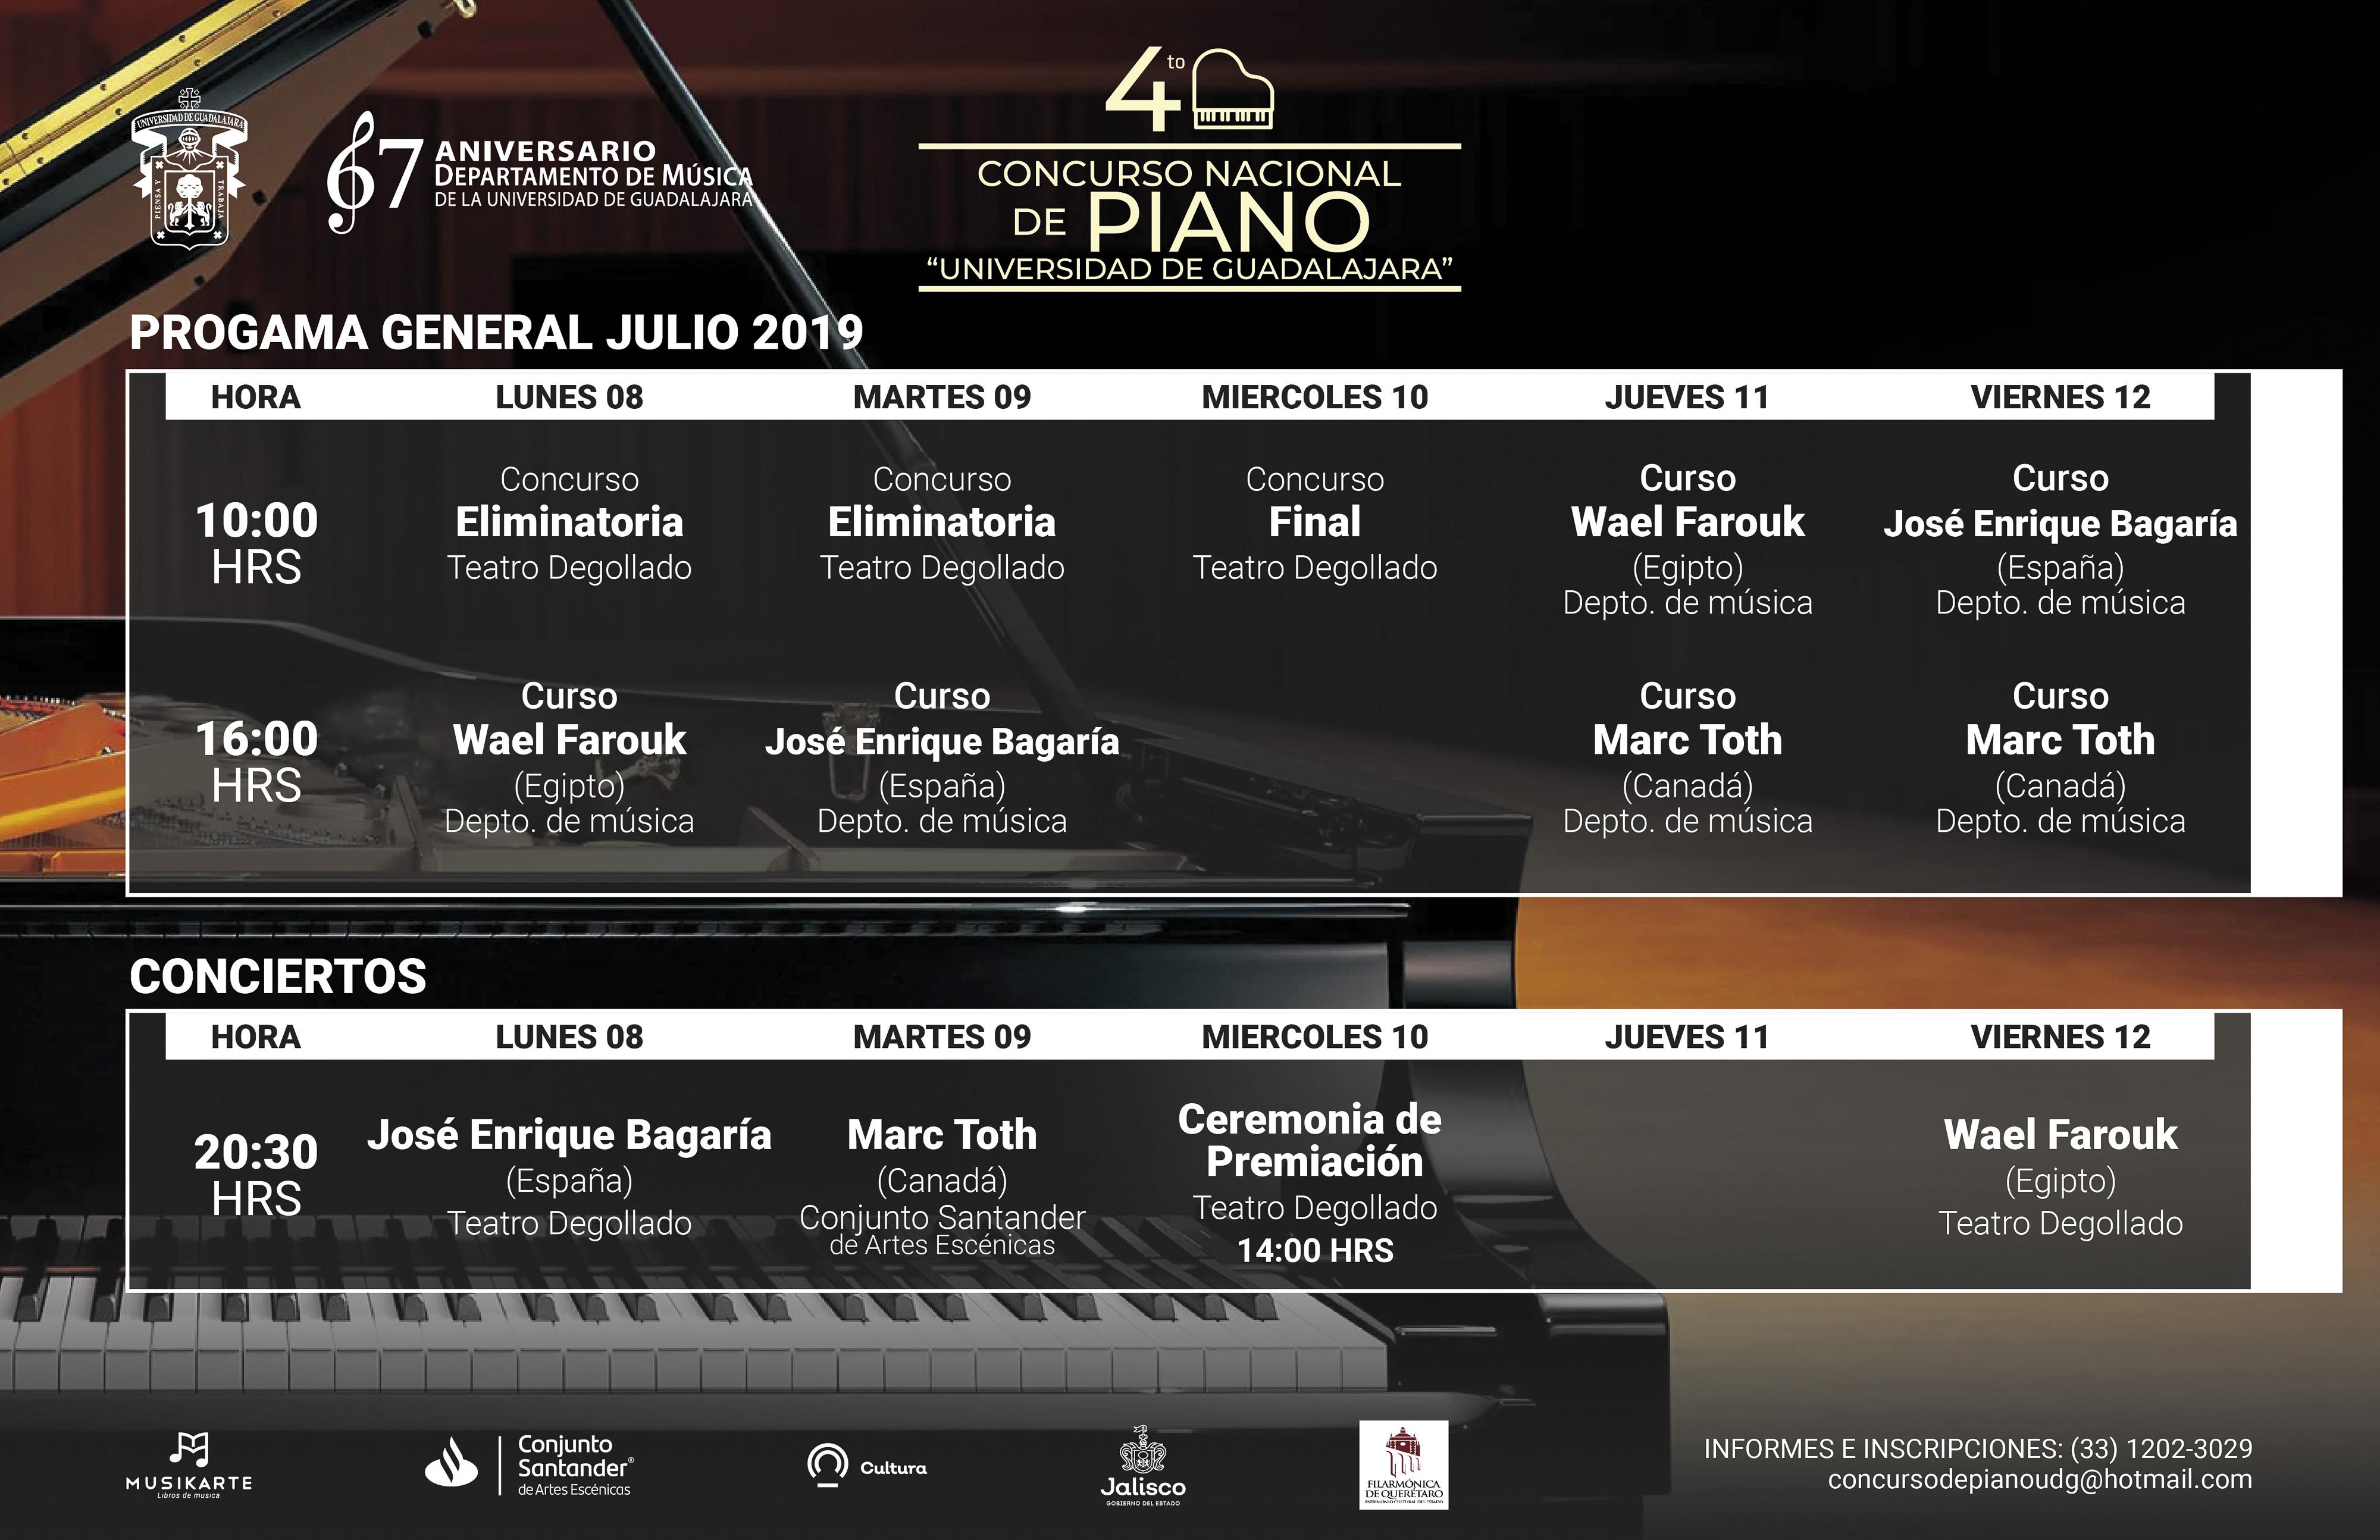 Llega la 4ta. edición del Concurso Nacional de piano de la UdeG